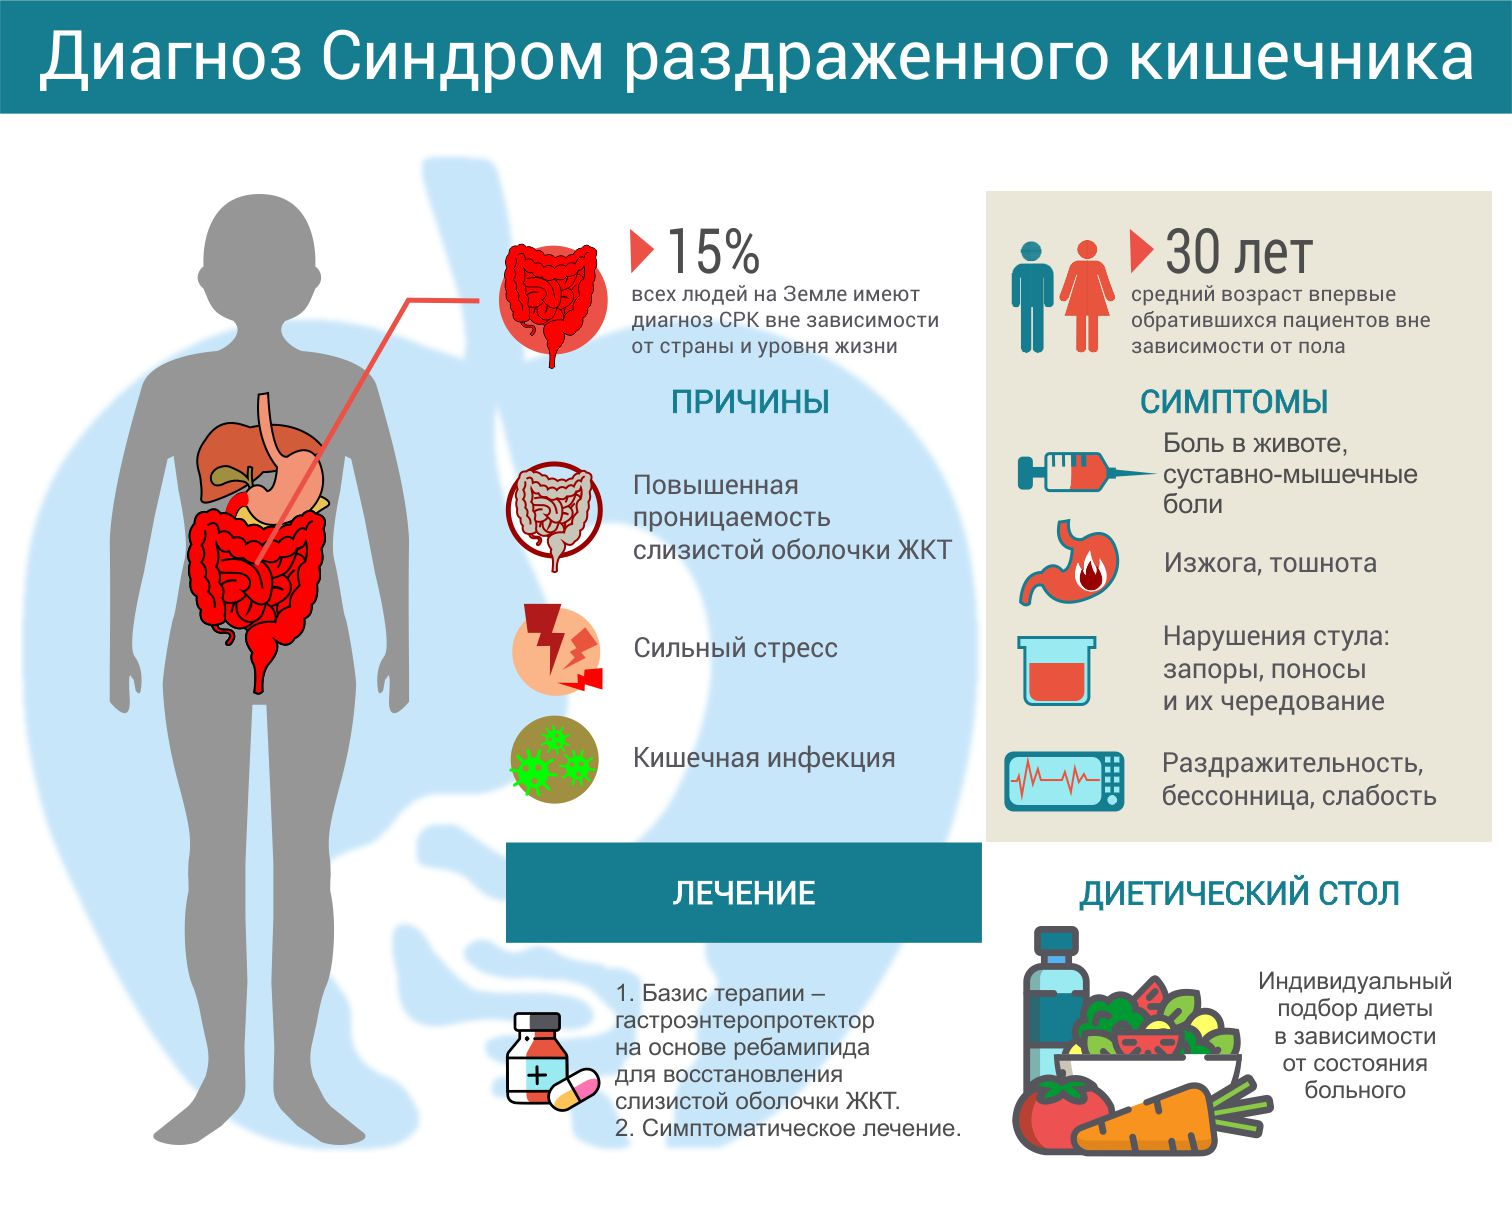 Срк (синдром раздраженного кишечника) - симптомы и лечение - симптомы, диагностика, лечение, профилактика